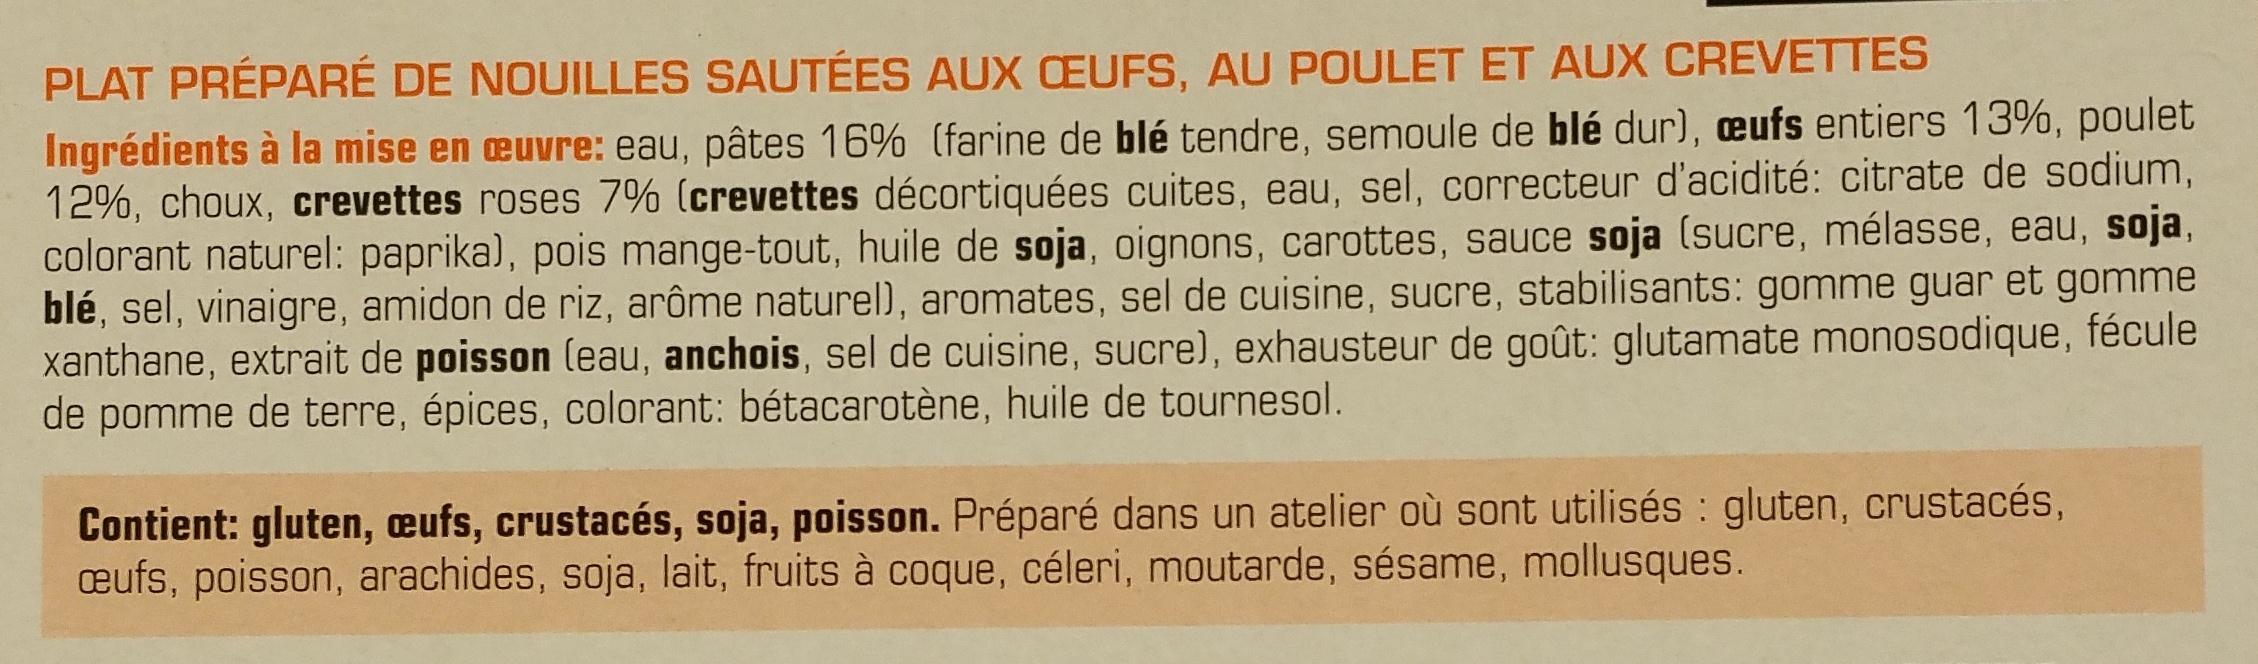 Nouilles Royales Bami Goreng - Ingrediënten